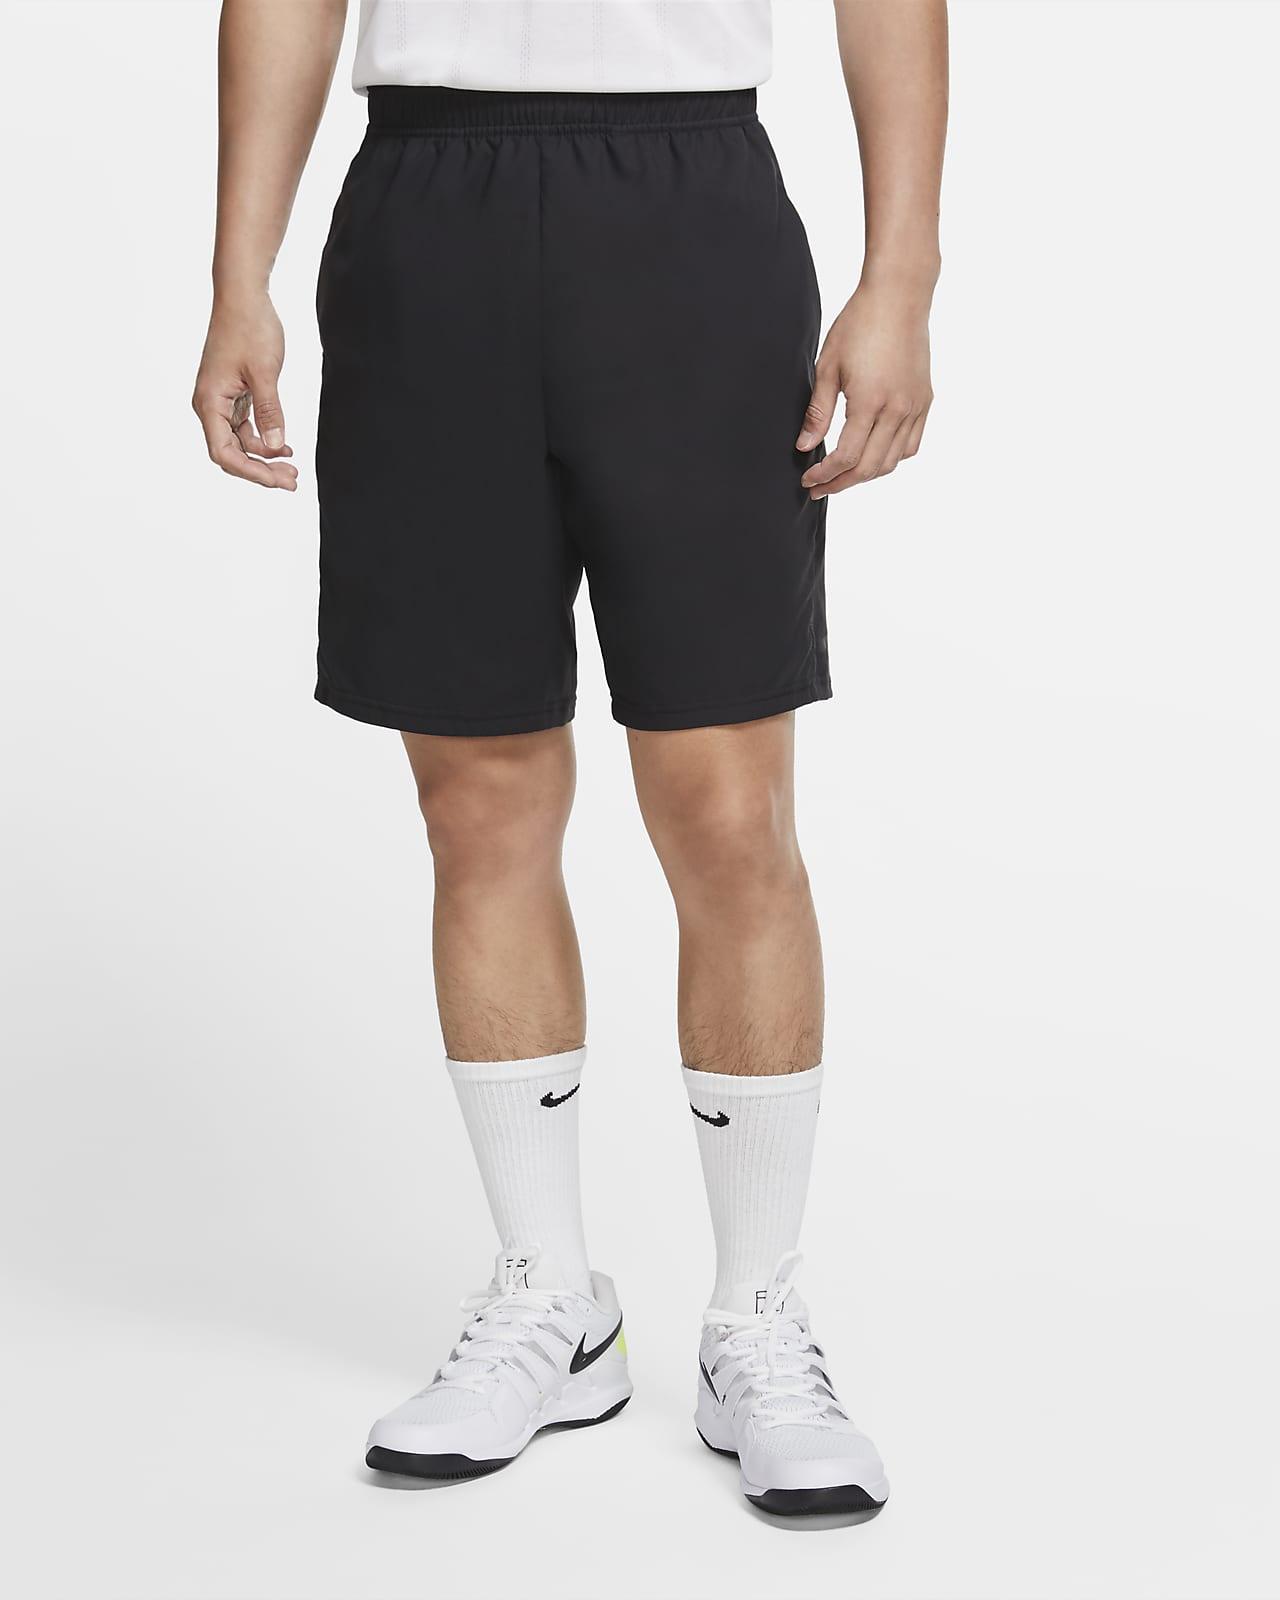 ナイキコート Dri-FIT メンズ 23cm テニスショートパンツ